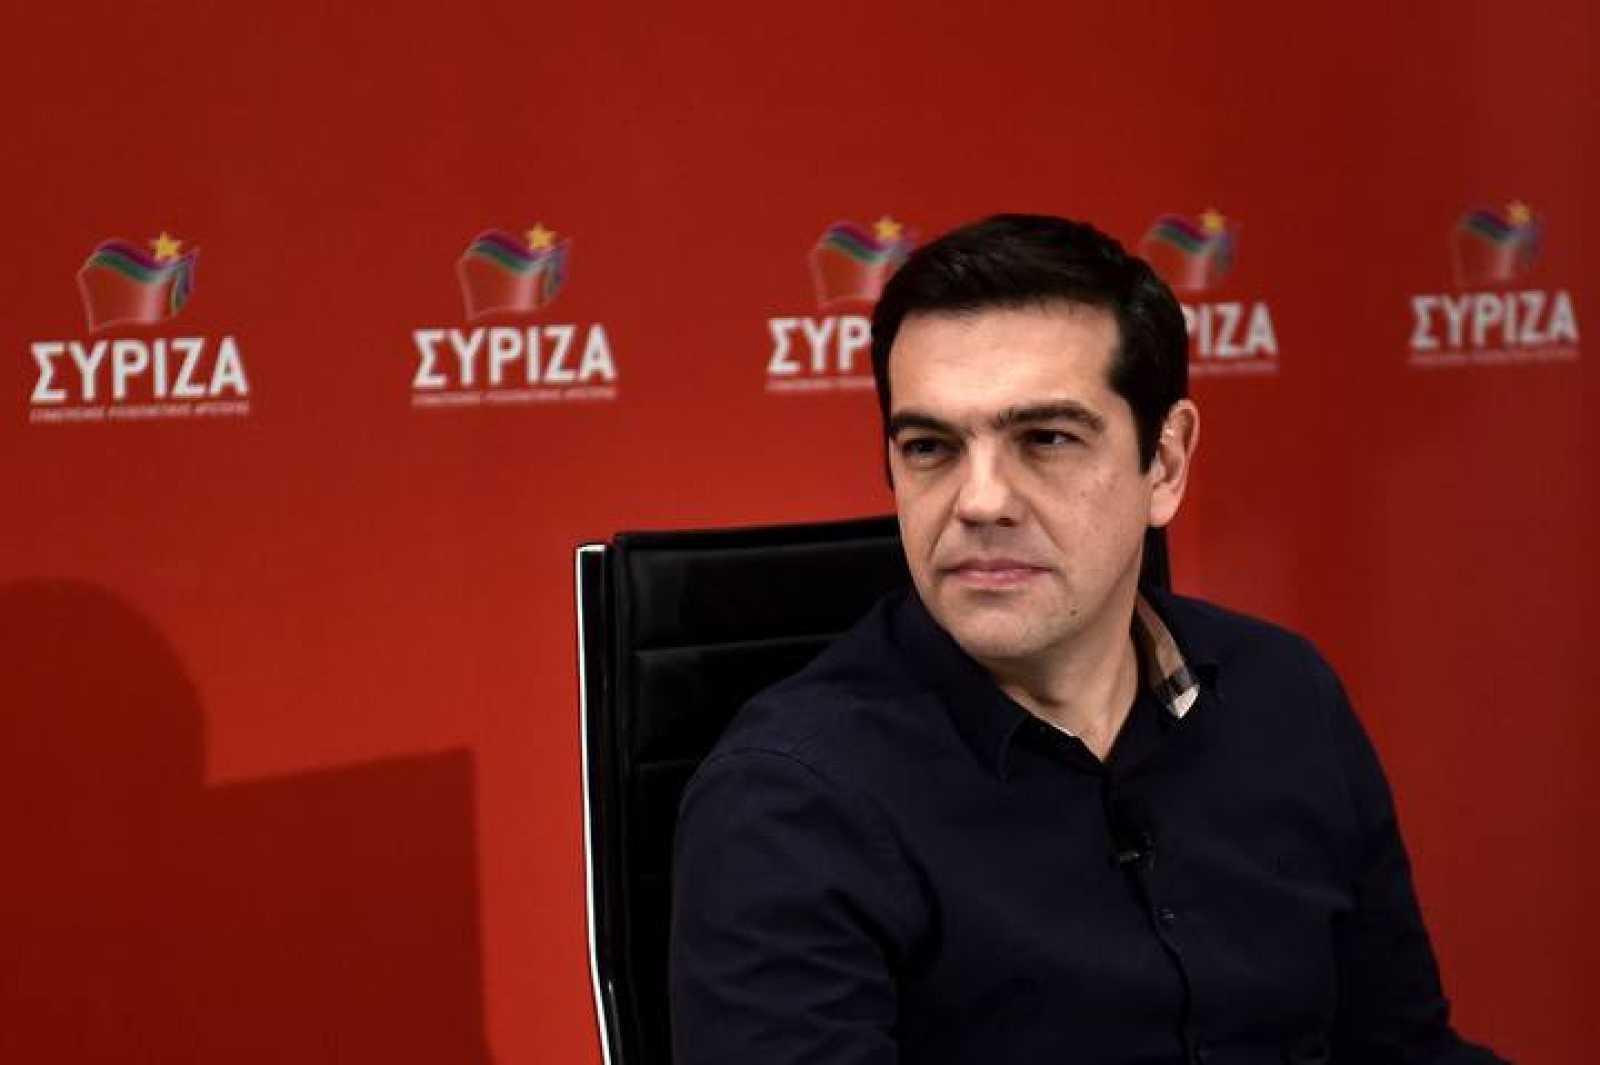 El candidato de Syriza a las elecciones griegas, Alexis Tsipras, durante una entrevista